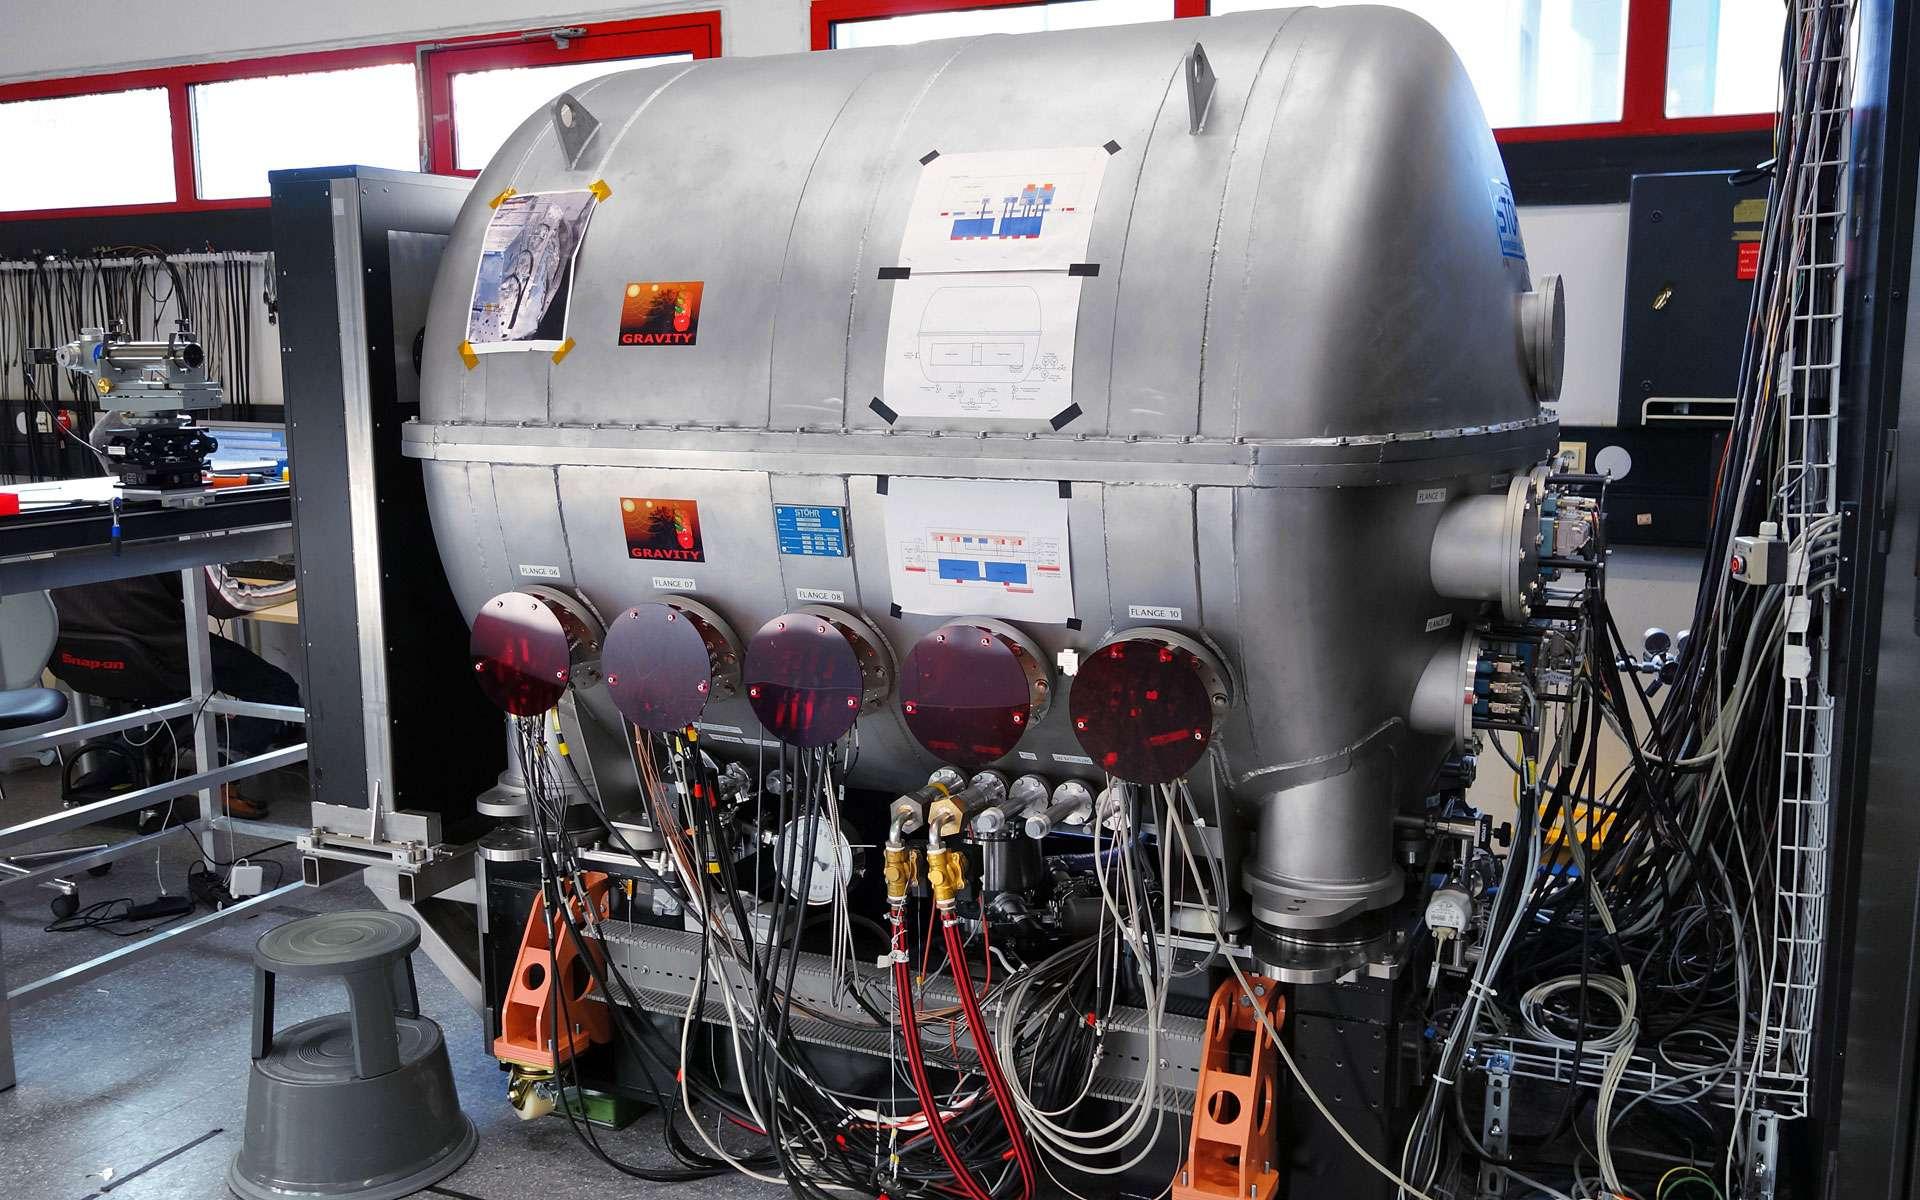 L'instrument Gravity et son cryostat (la grosse cuve) qui refroidit le système optoélectronique pour améliorer ses performances. © Eso, Gravity Consortium